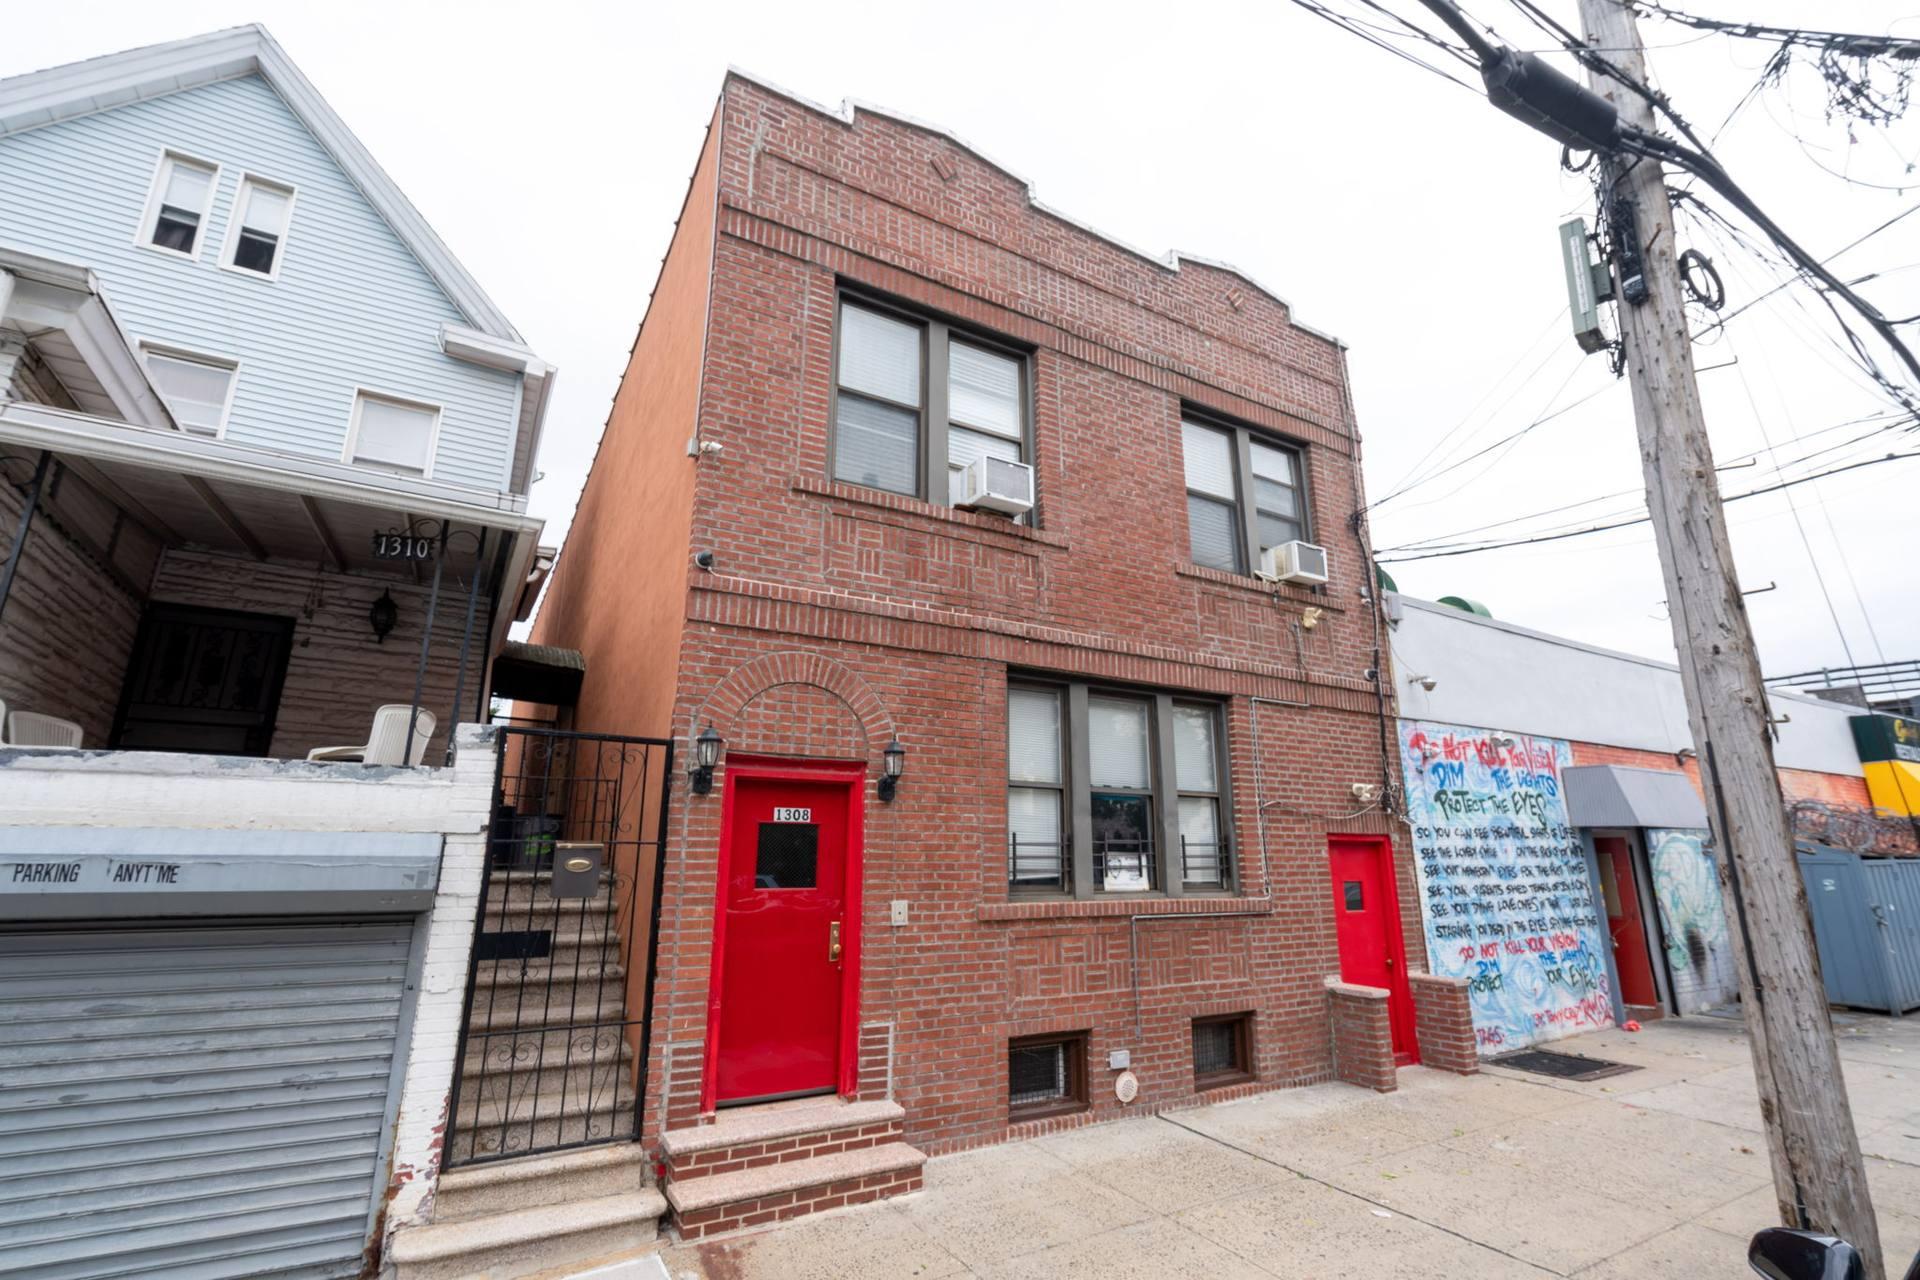 1308 Thieriot Ave, Bronx, NY 10472, USA